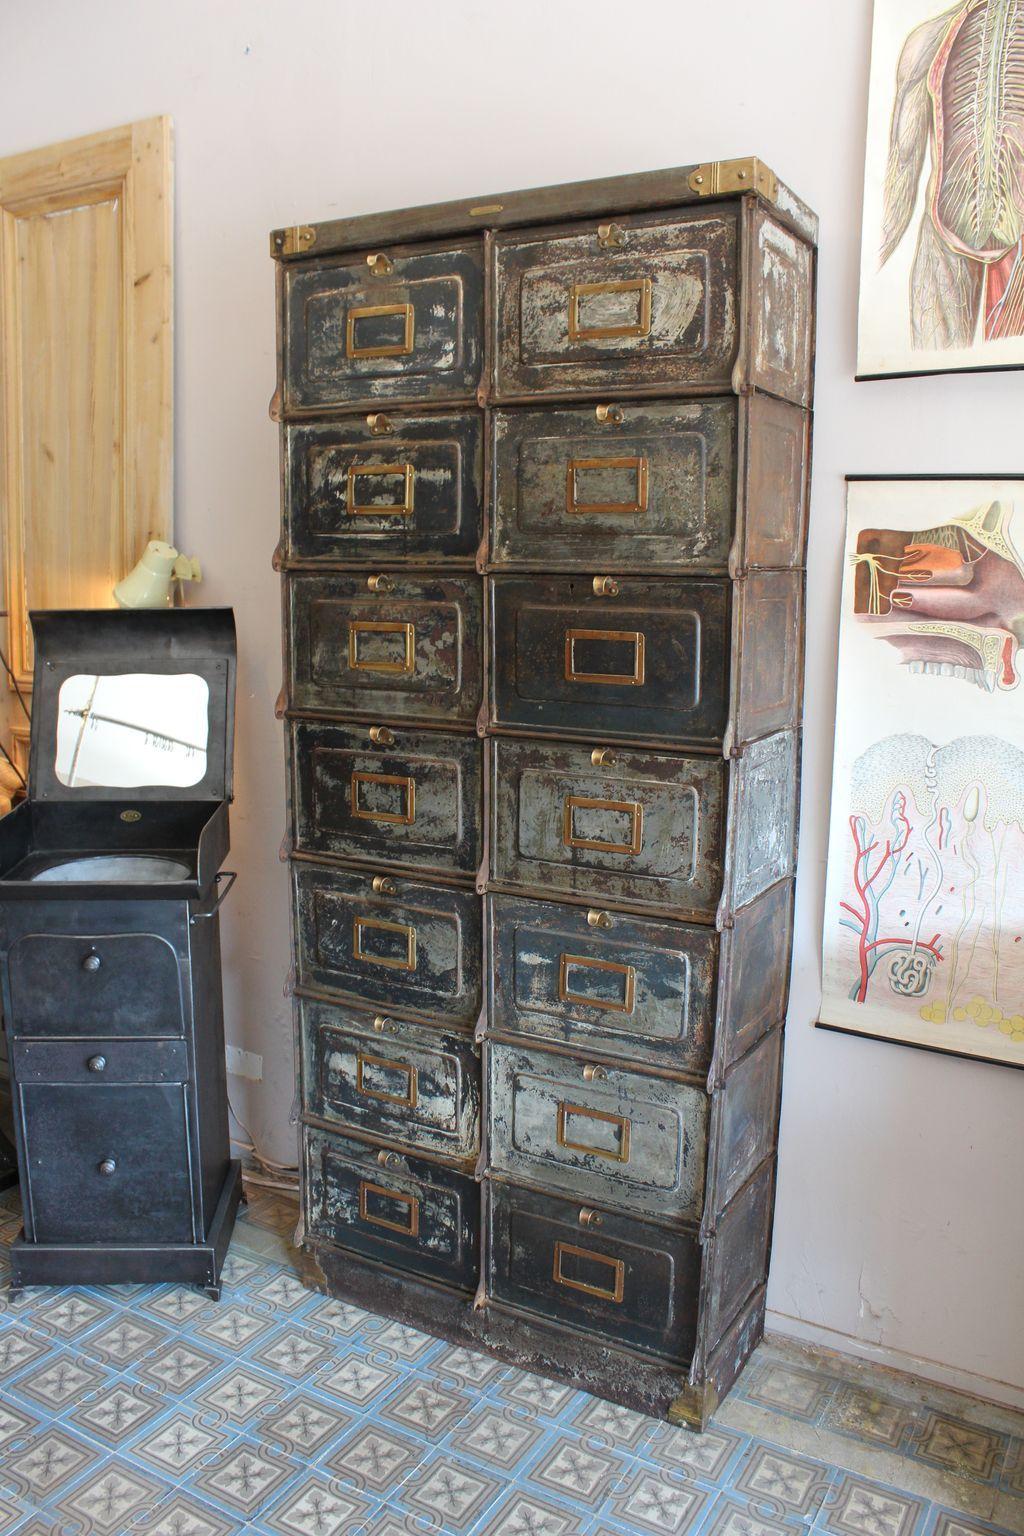 mobilier industriel cabinet valves strafor forges de strasbourg 1920 home ideas. Black Bedroom Furniture Sets. Home Design Ideas